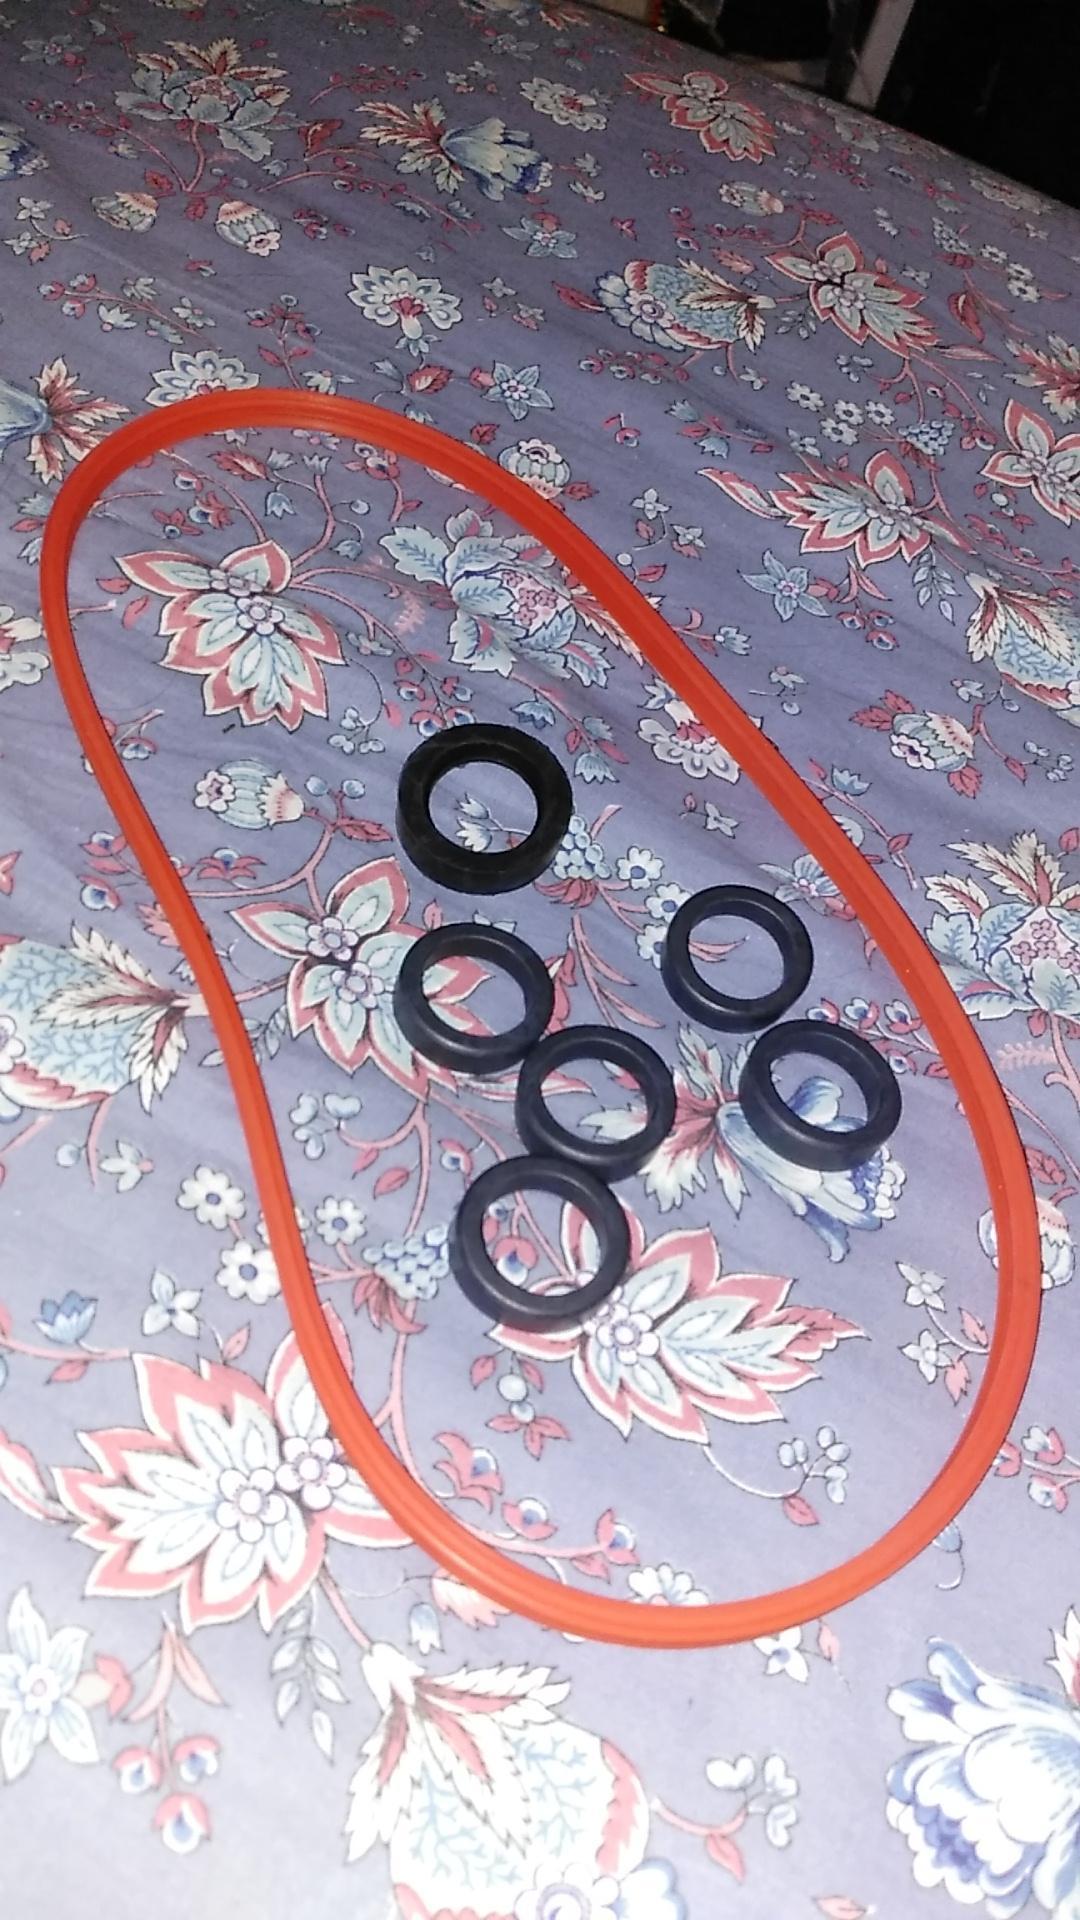 Уплотнительное кольцо на Jebo 819 в Москве